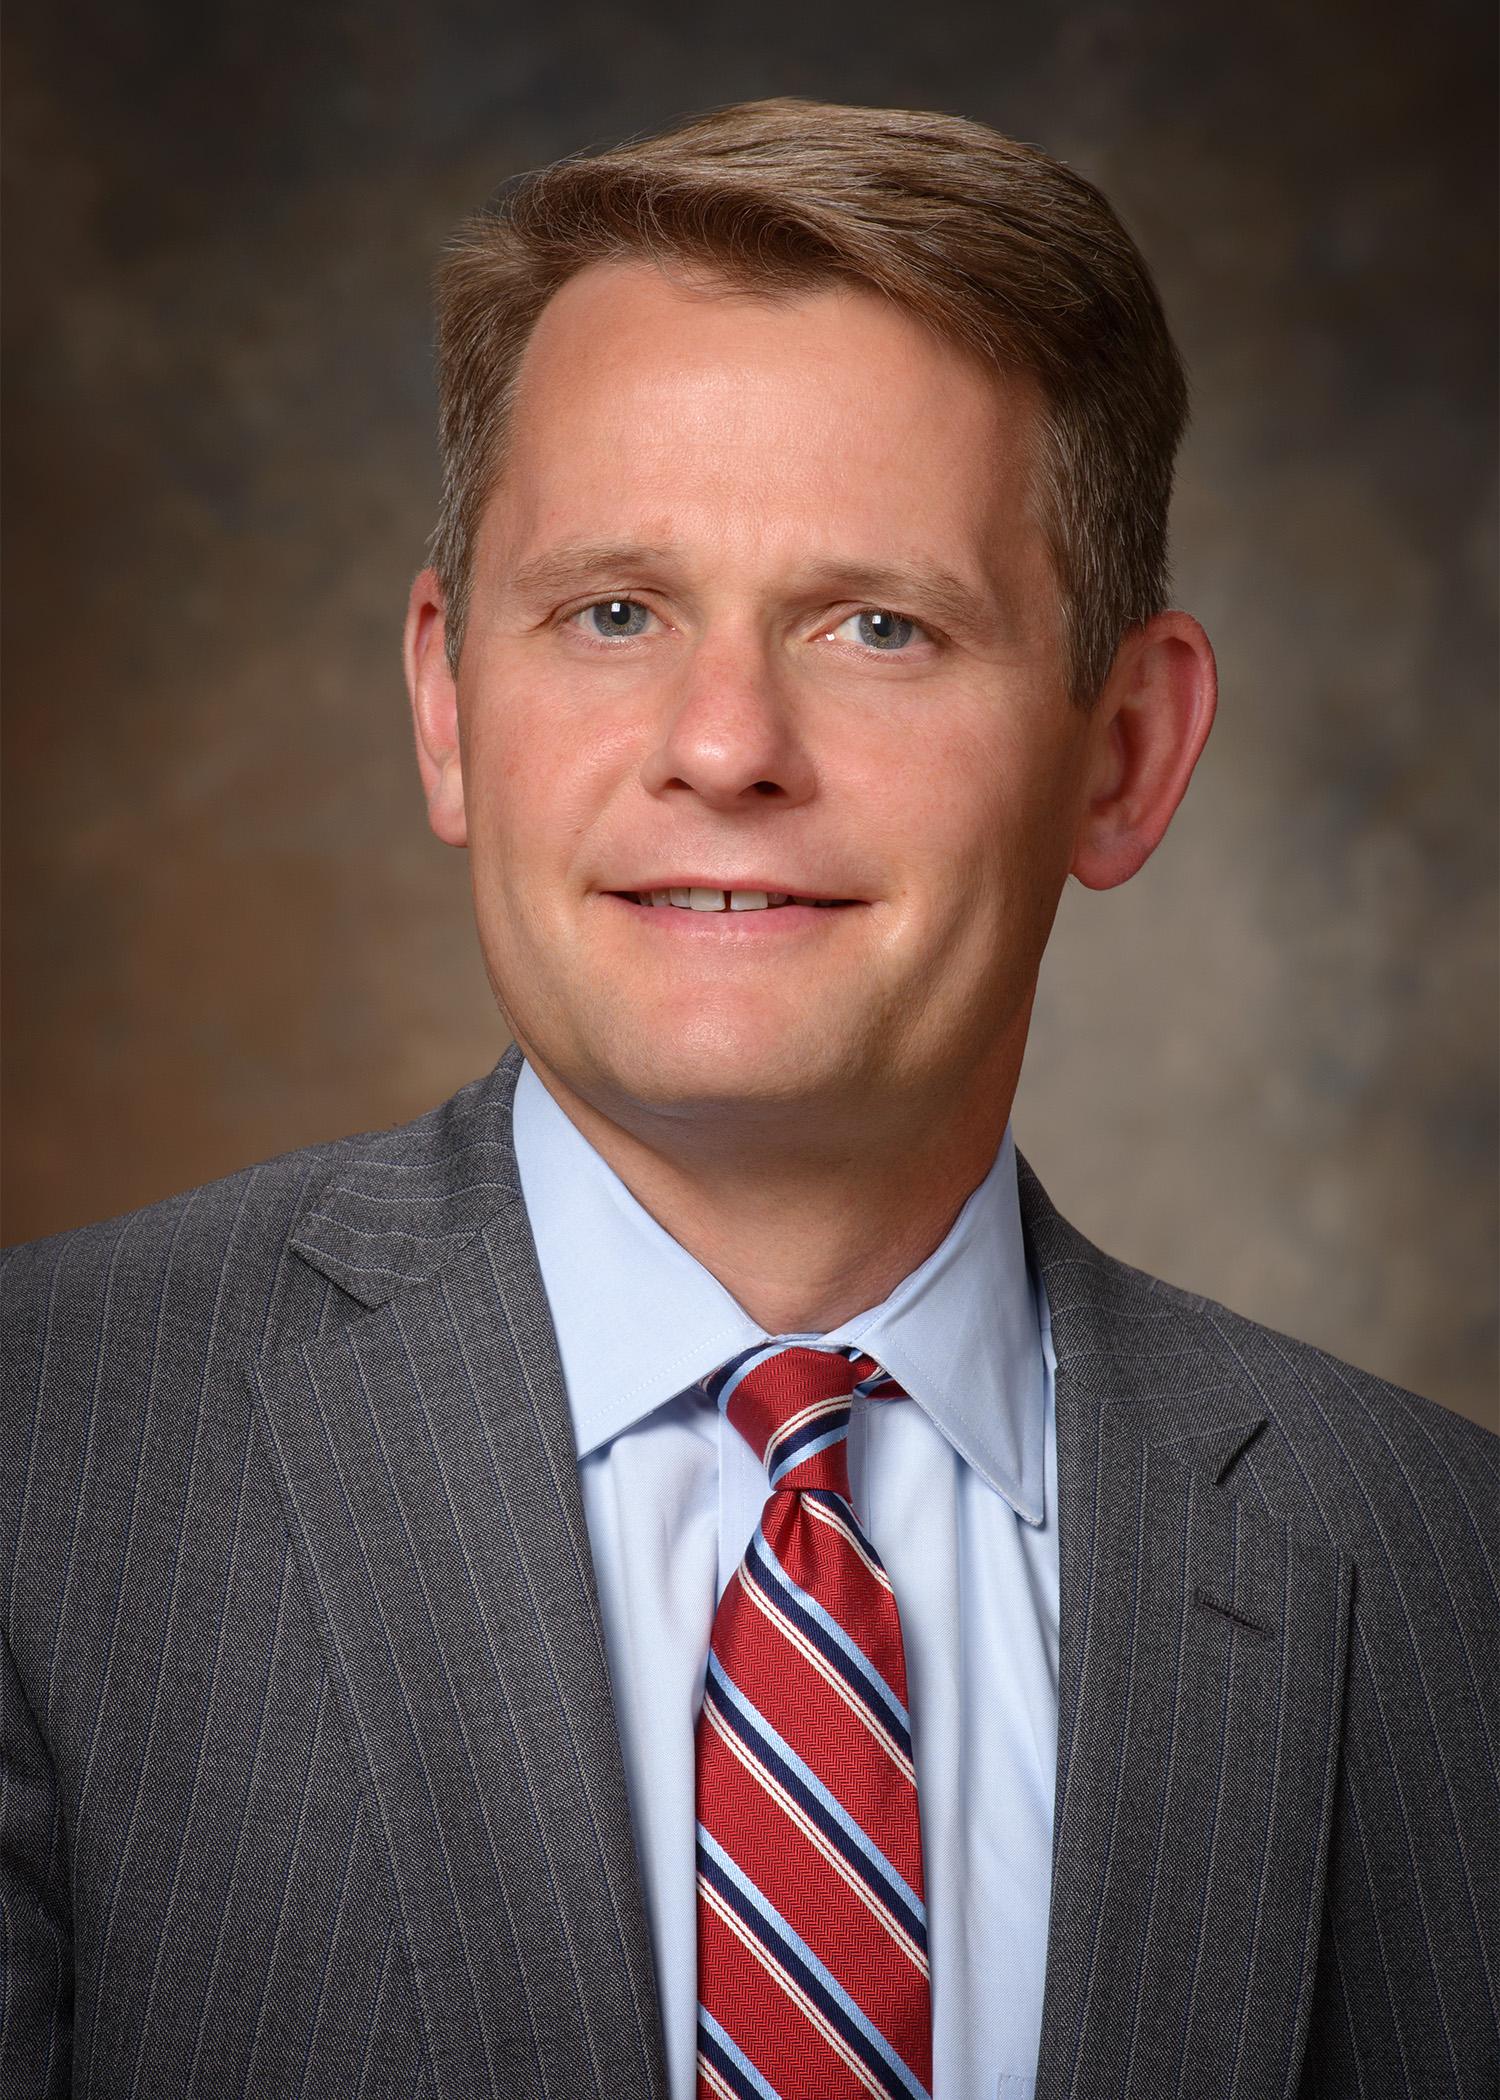 R. Clint Zollinger Jr - OSBA Certified Specialist in Workers' Compensation Law